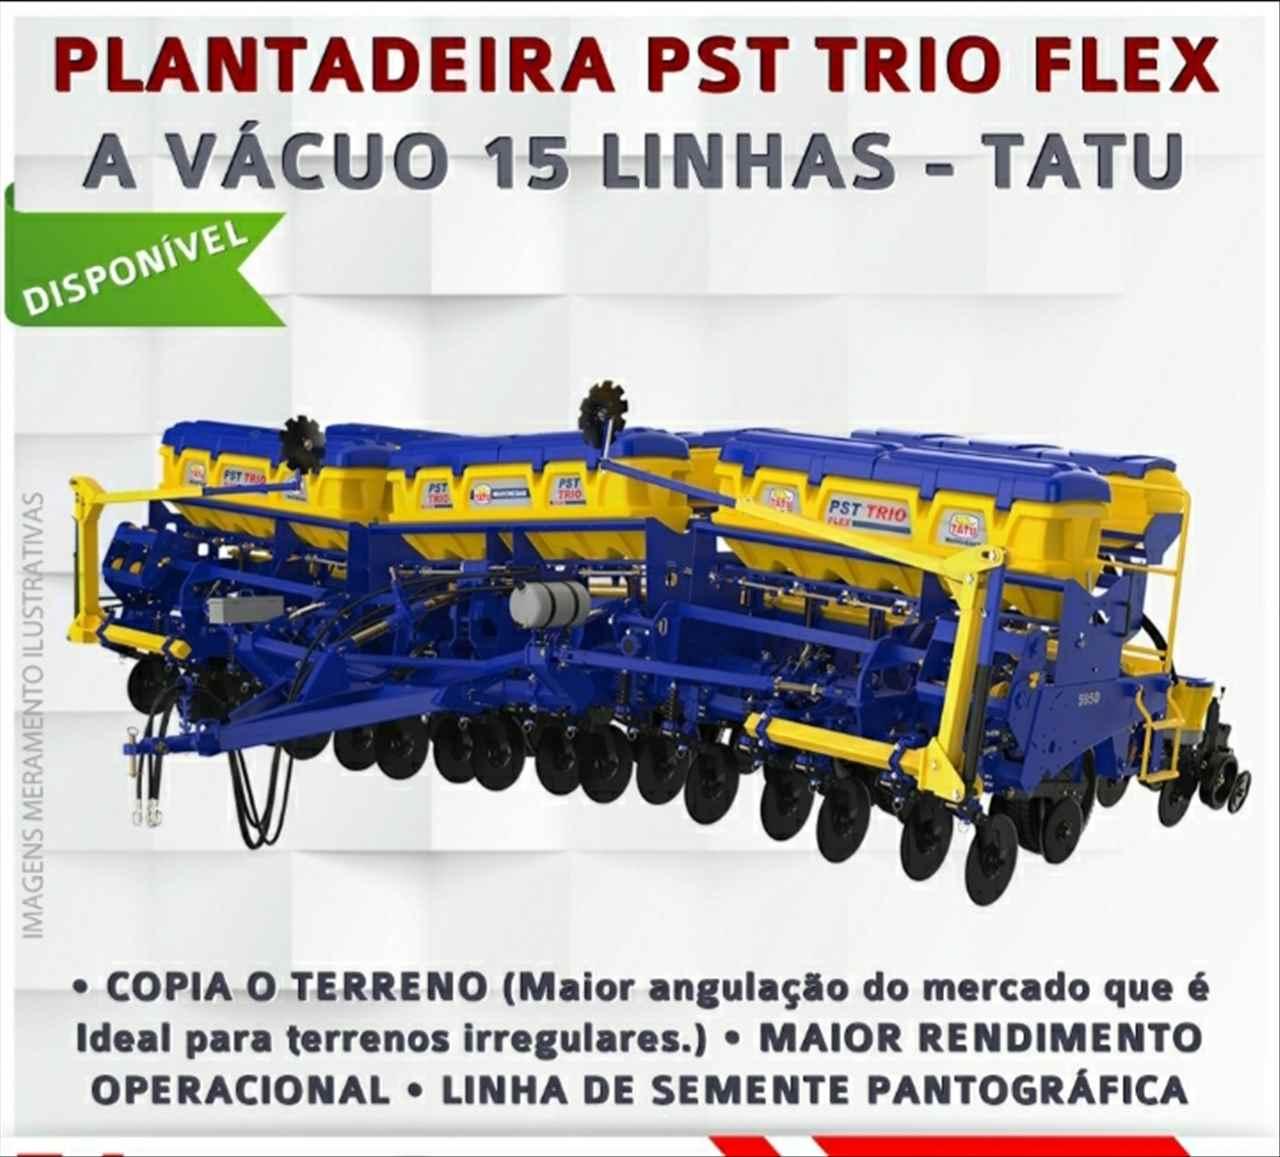 PLANTADEIRA TATU PST TRIO FLEX Gerominho Implementos Agrícolas UBERLANDIA MINAS GERAIS MG